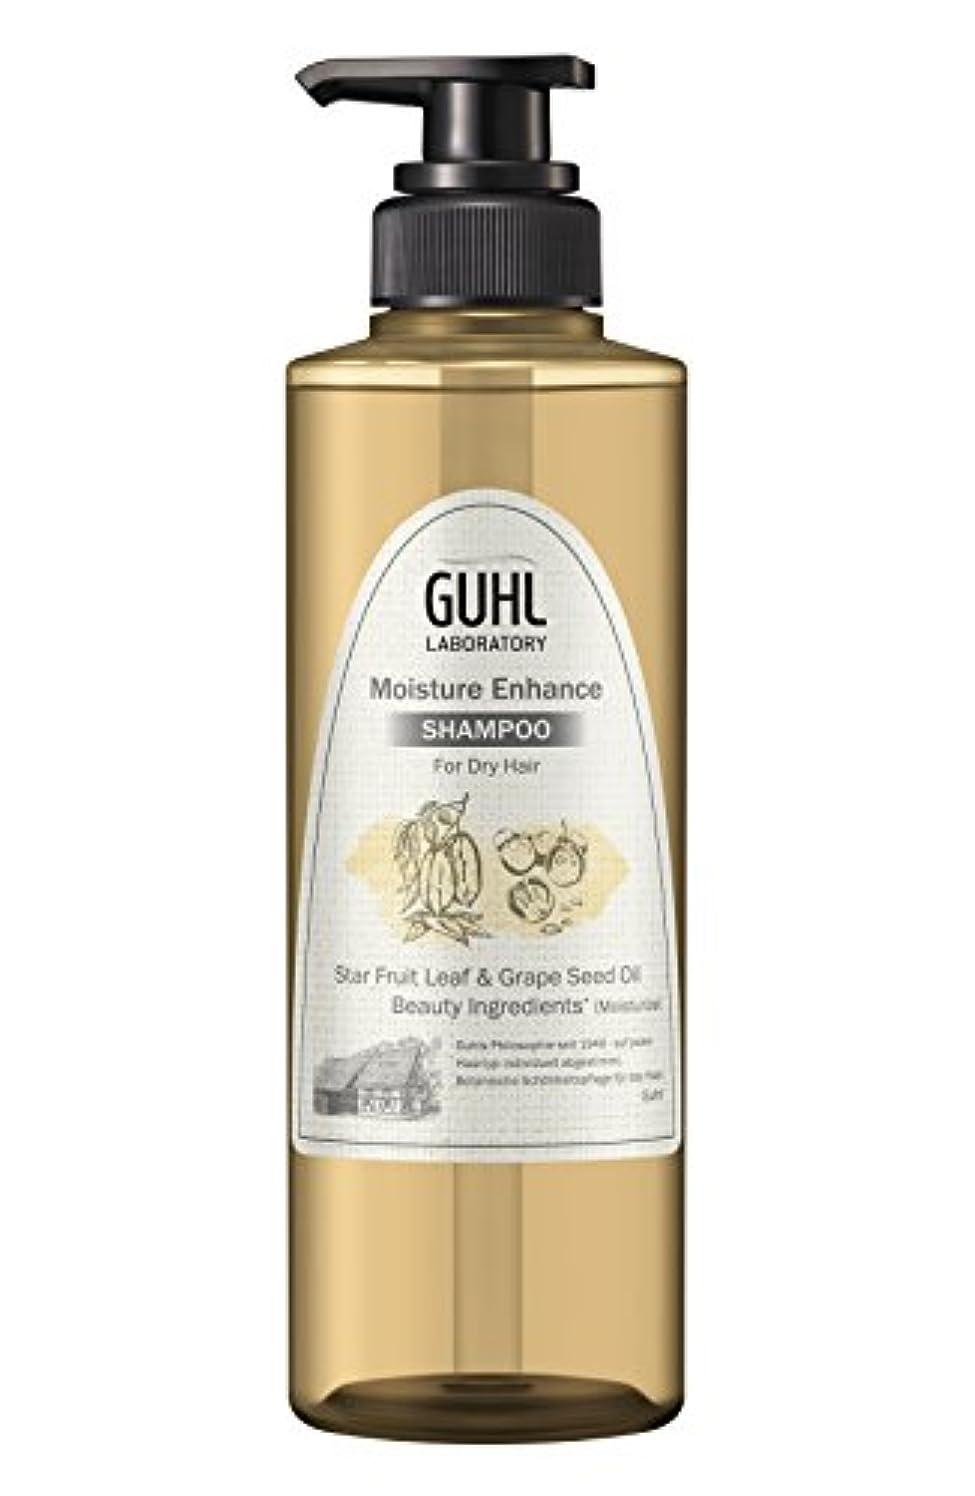 私たちインフラ可愛いグール ラボラトリー ノンシリコンシャンプー (乾燥しやすい髪に) 植物美容 ヘアケア [ノンシリコン 処方] モイスチャーエンハンス 430ml